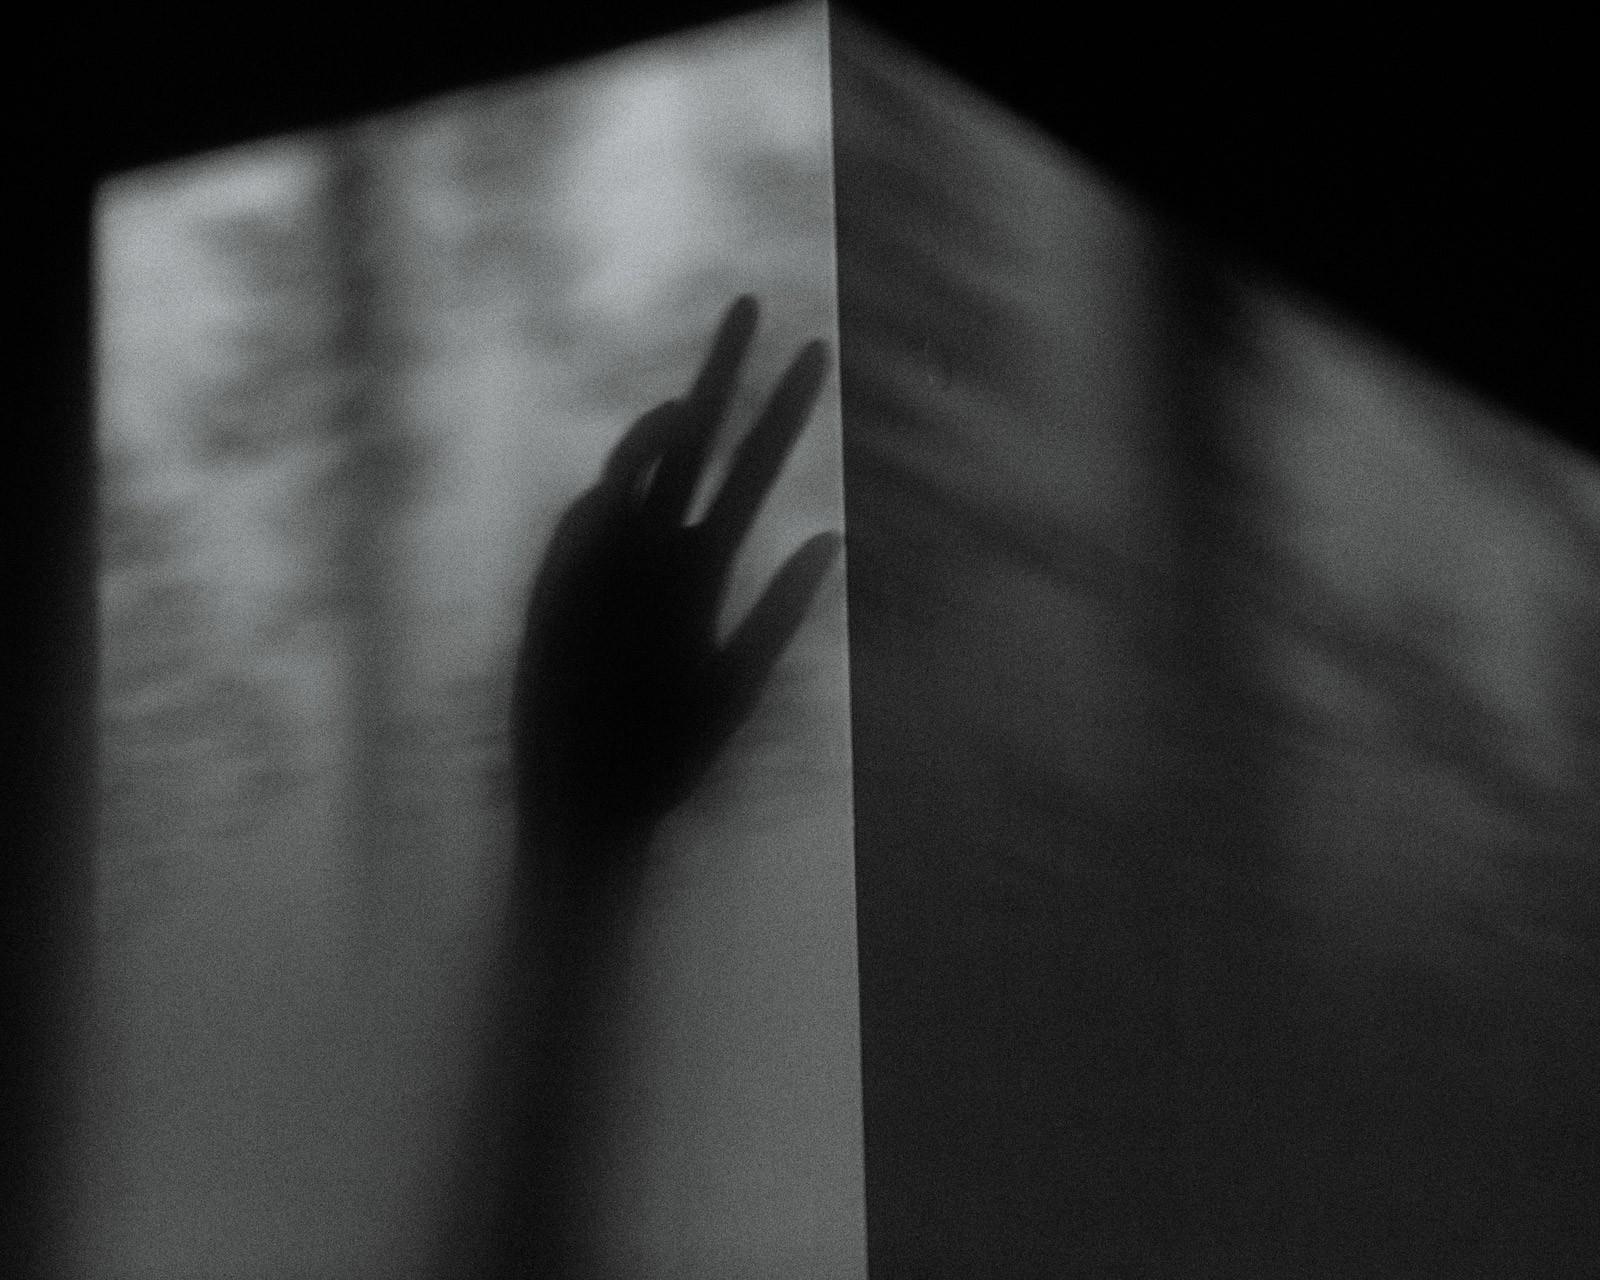 Nữ y tá bị cưỡng hiếp: Vỡ vụn vì bị cưỡng bức, tôi đã cầm đến chiếc máy ảnh - Ảnh 1.